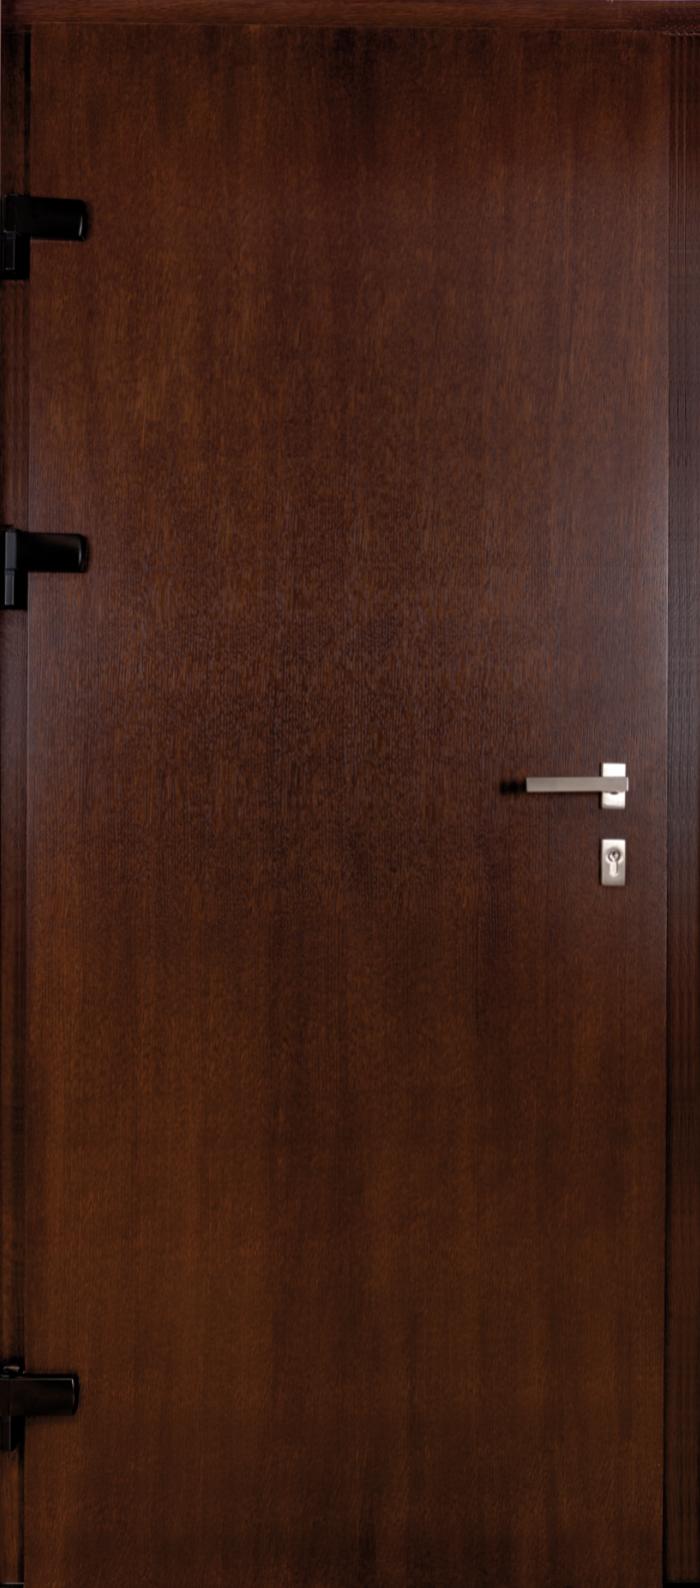 front house door texture. Entry / Front Door 85 Mm Wide Safety & Front House Door Texture Texture Png Black Doors Front House Door D ...